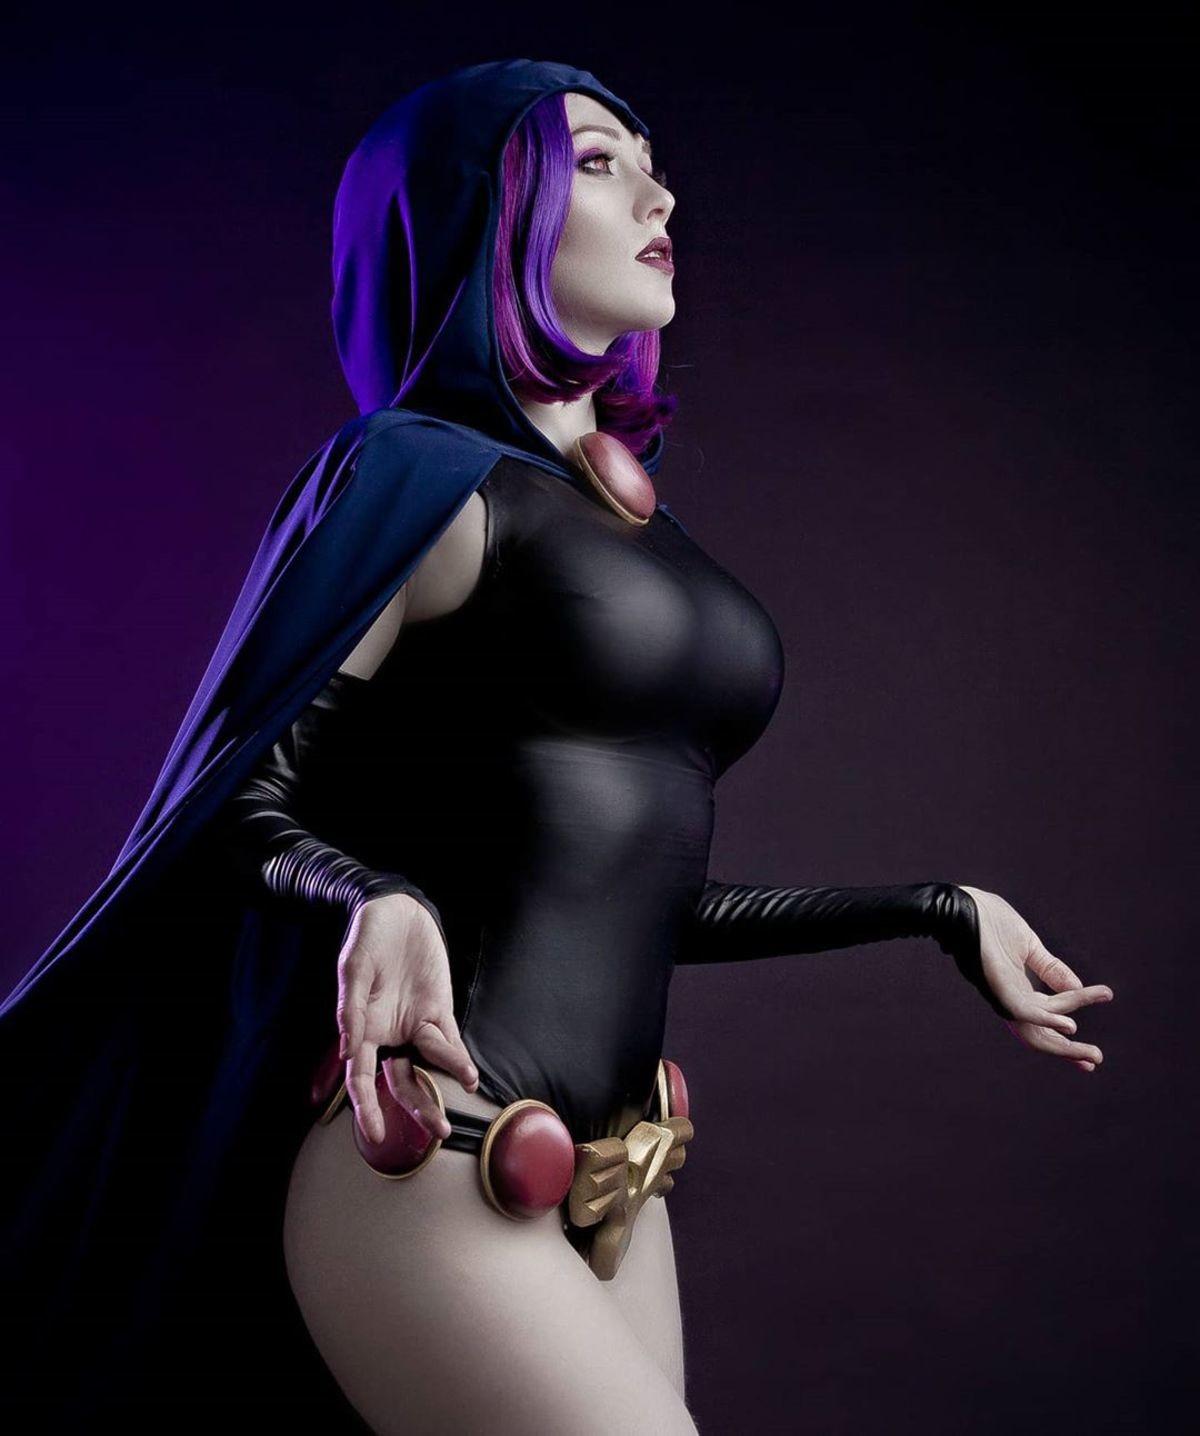 Raven by smirko_o (Kate Smirnova). .